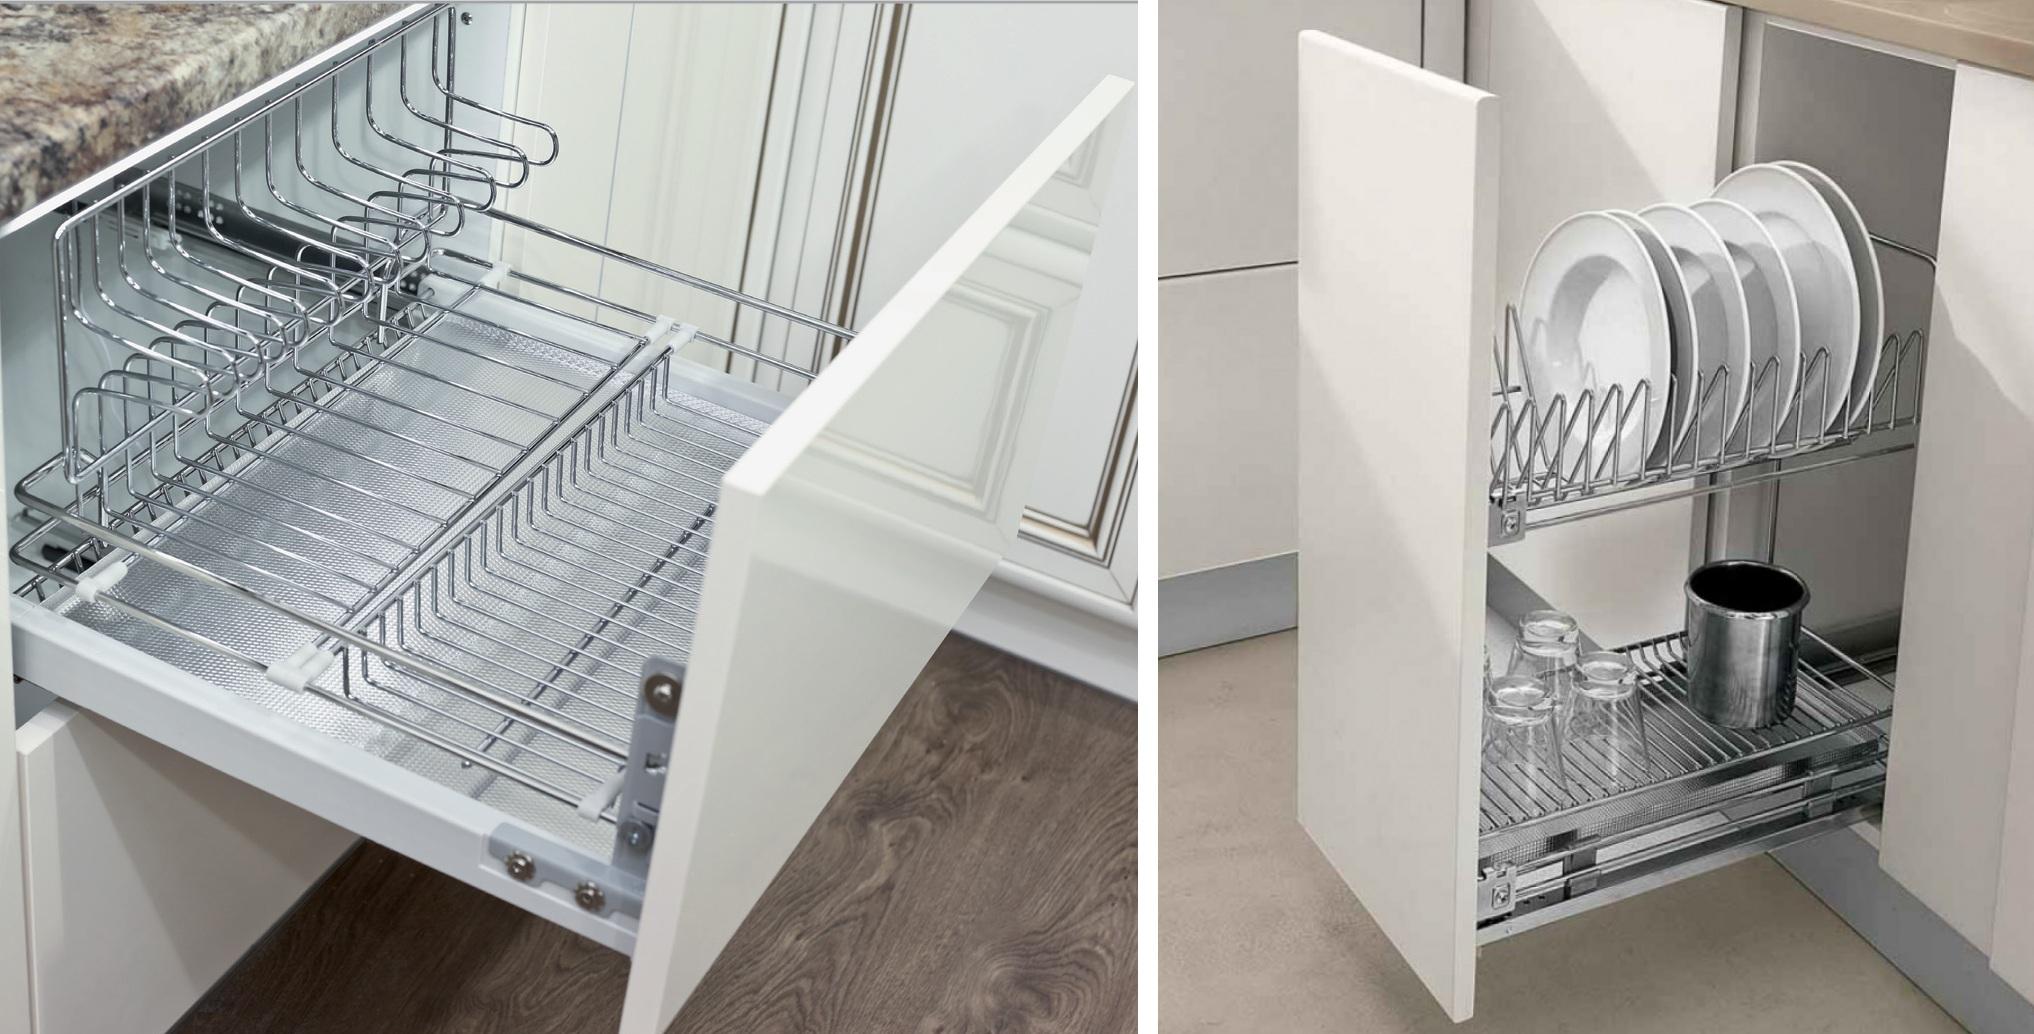 Специальная фурнитура для хранения посуды